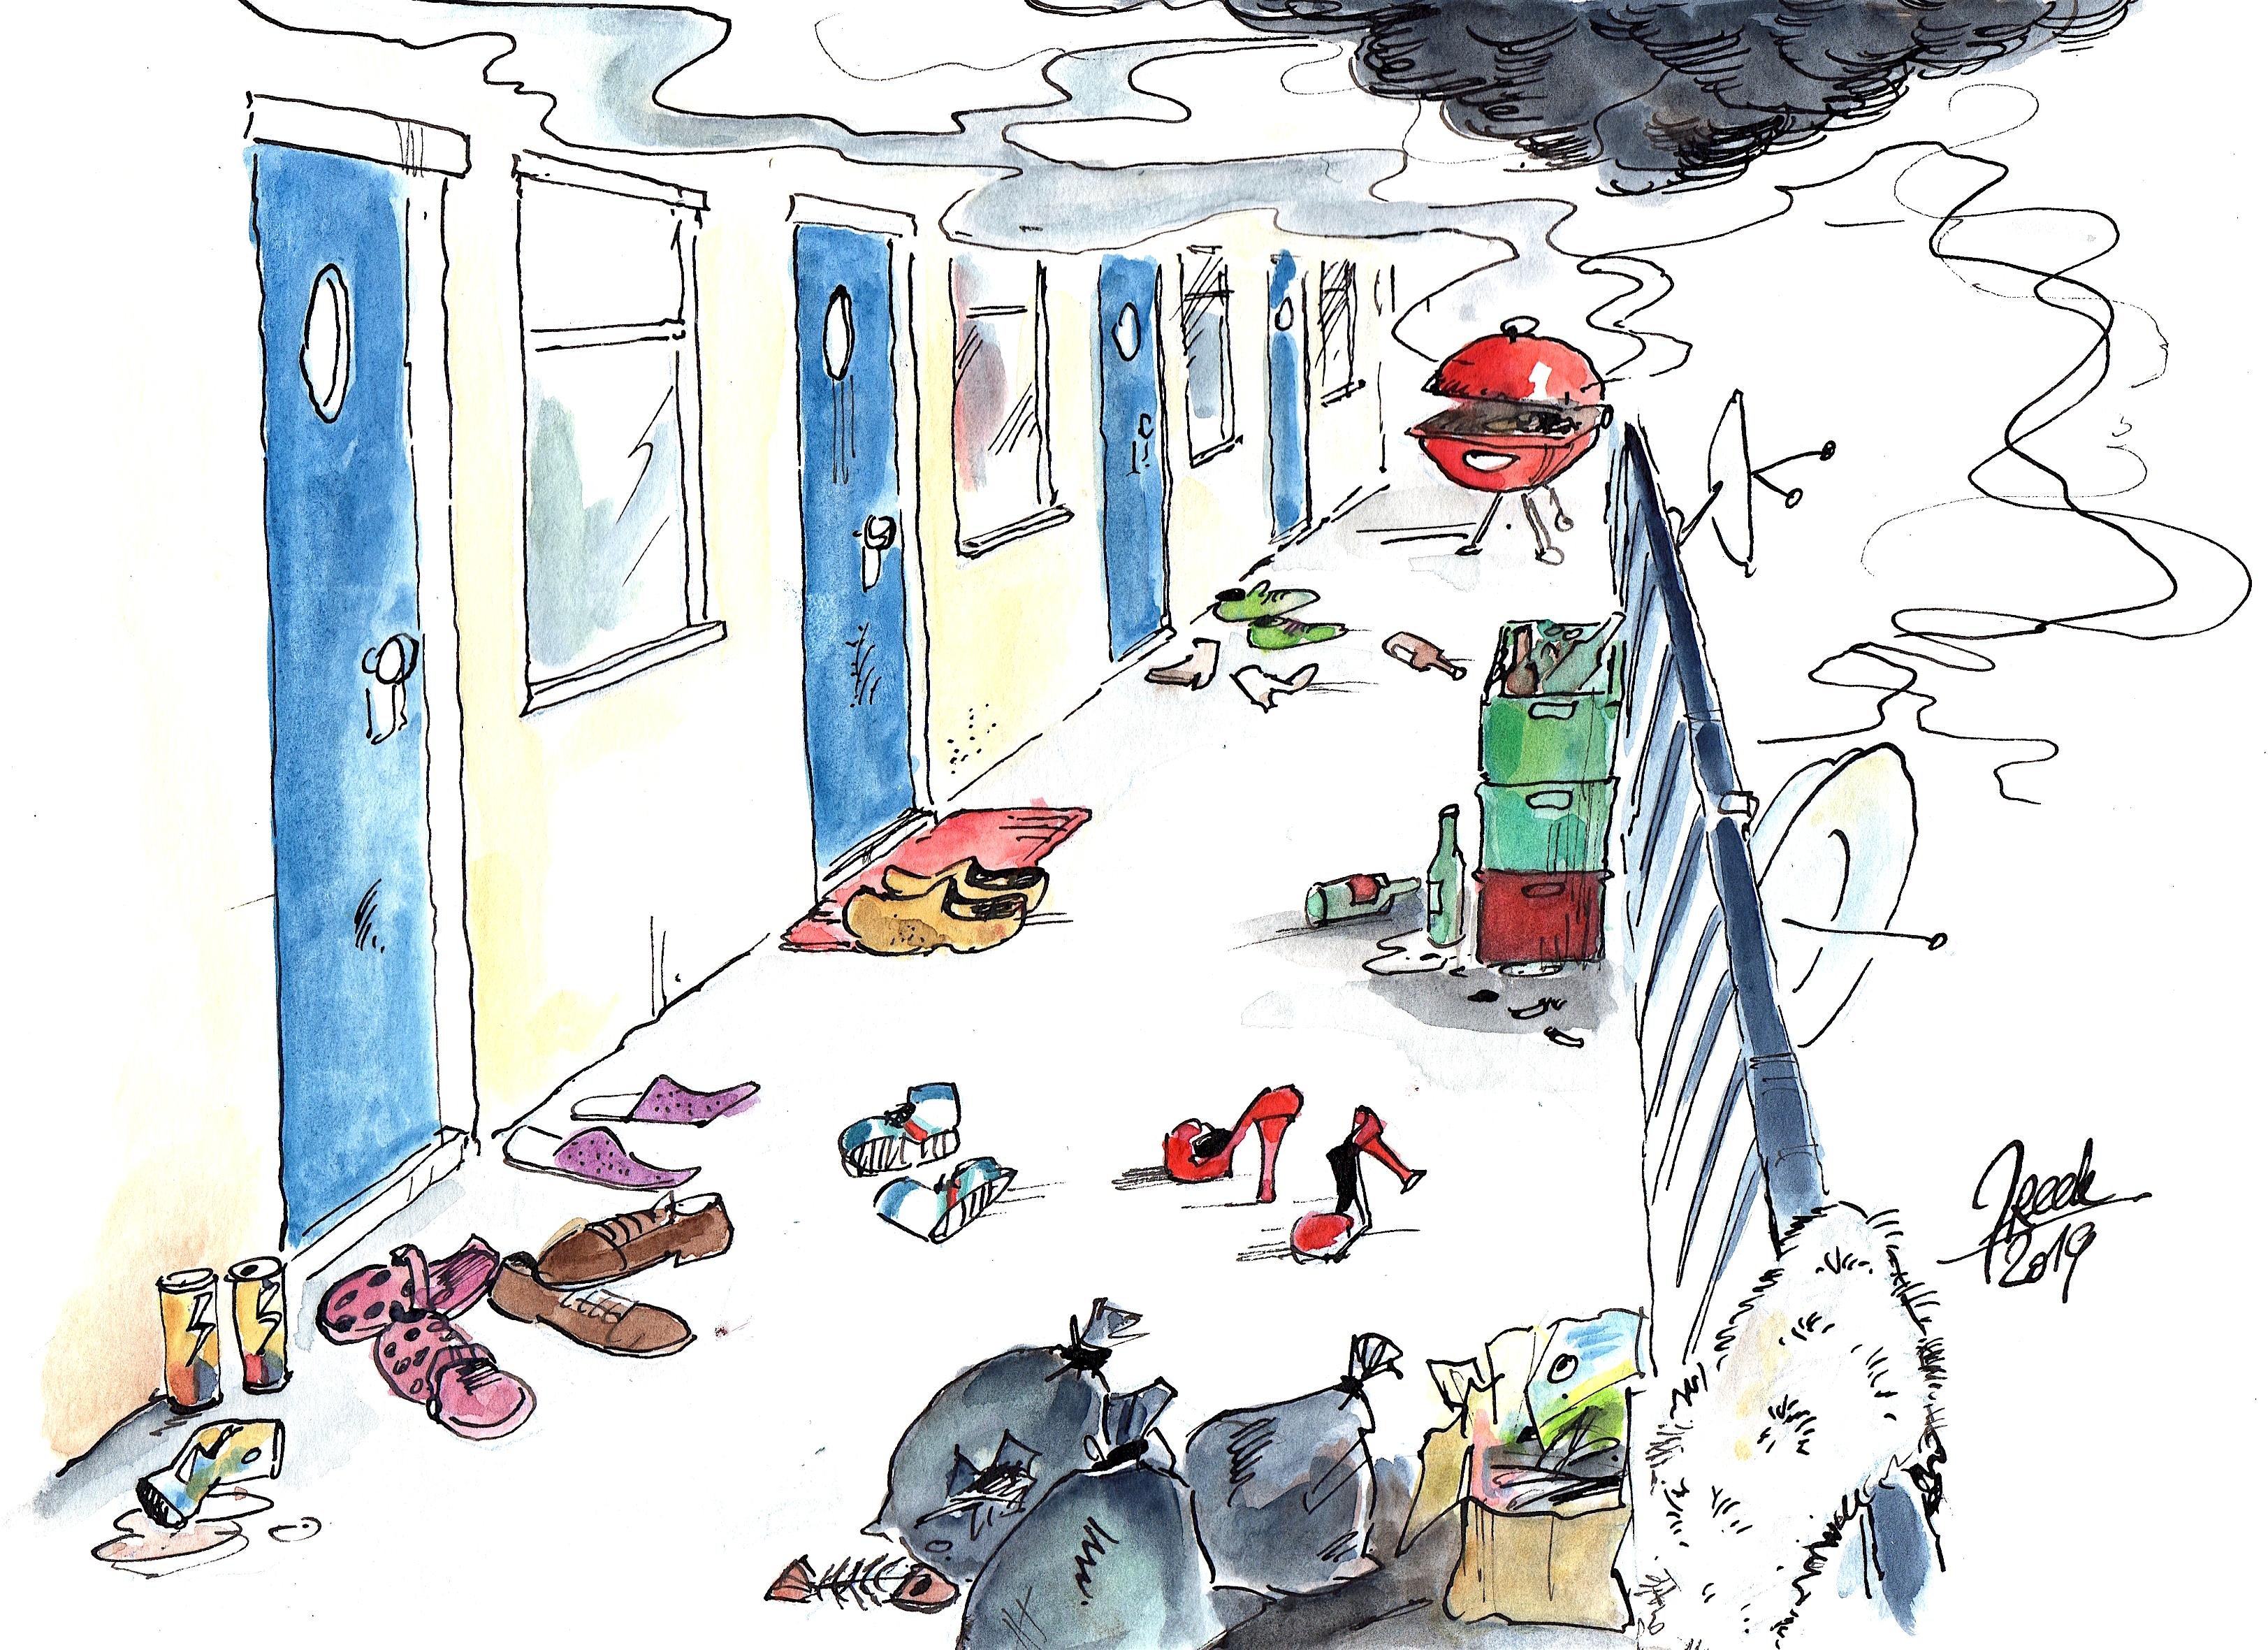 Europawijk: veiligheid kwestie van gevoel